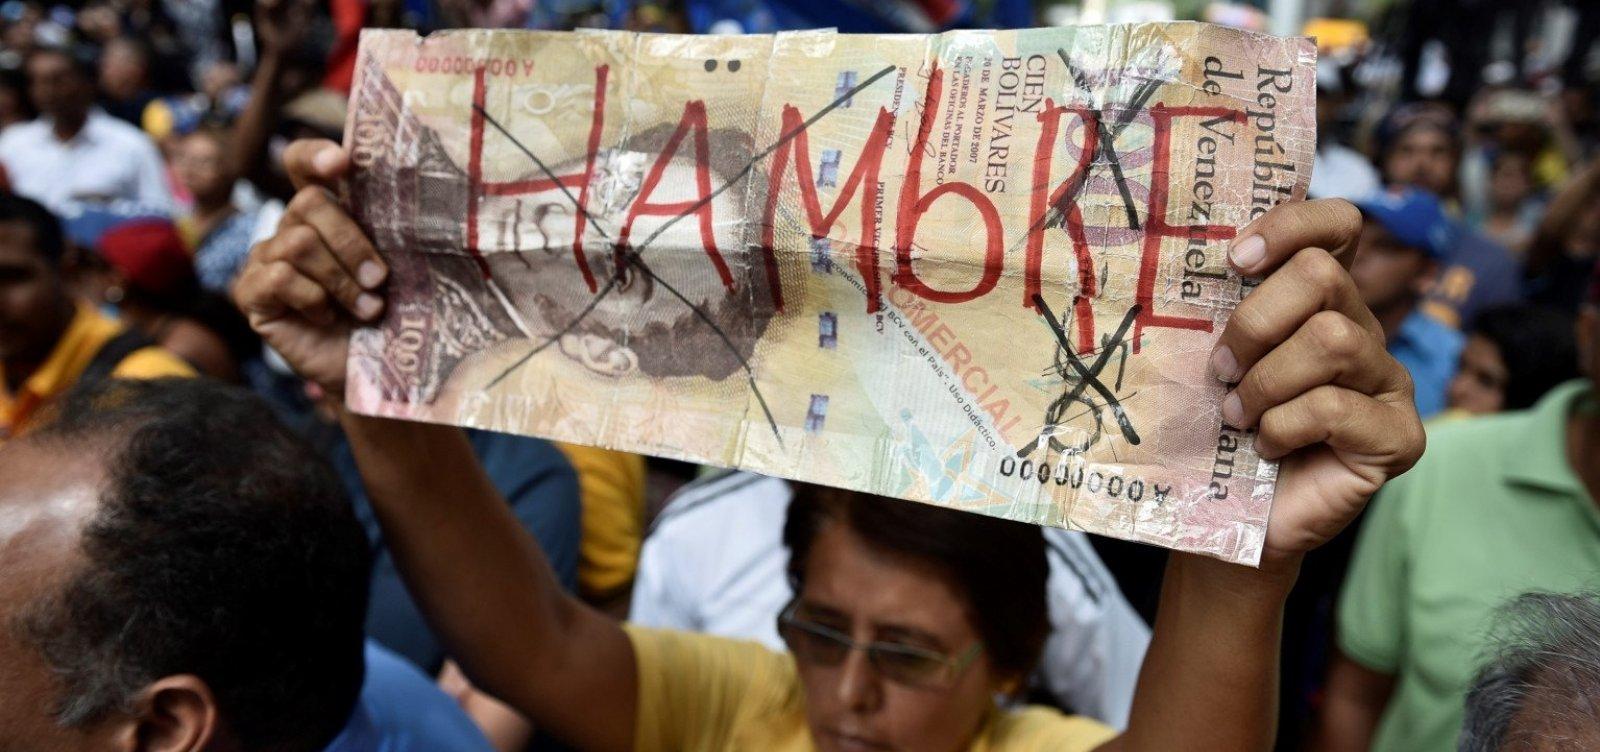 [Relatório da oposição diz que inflação anual chega a 488.865% na Venezuela]